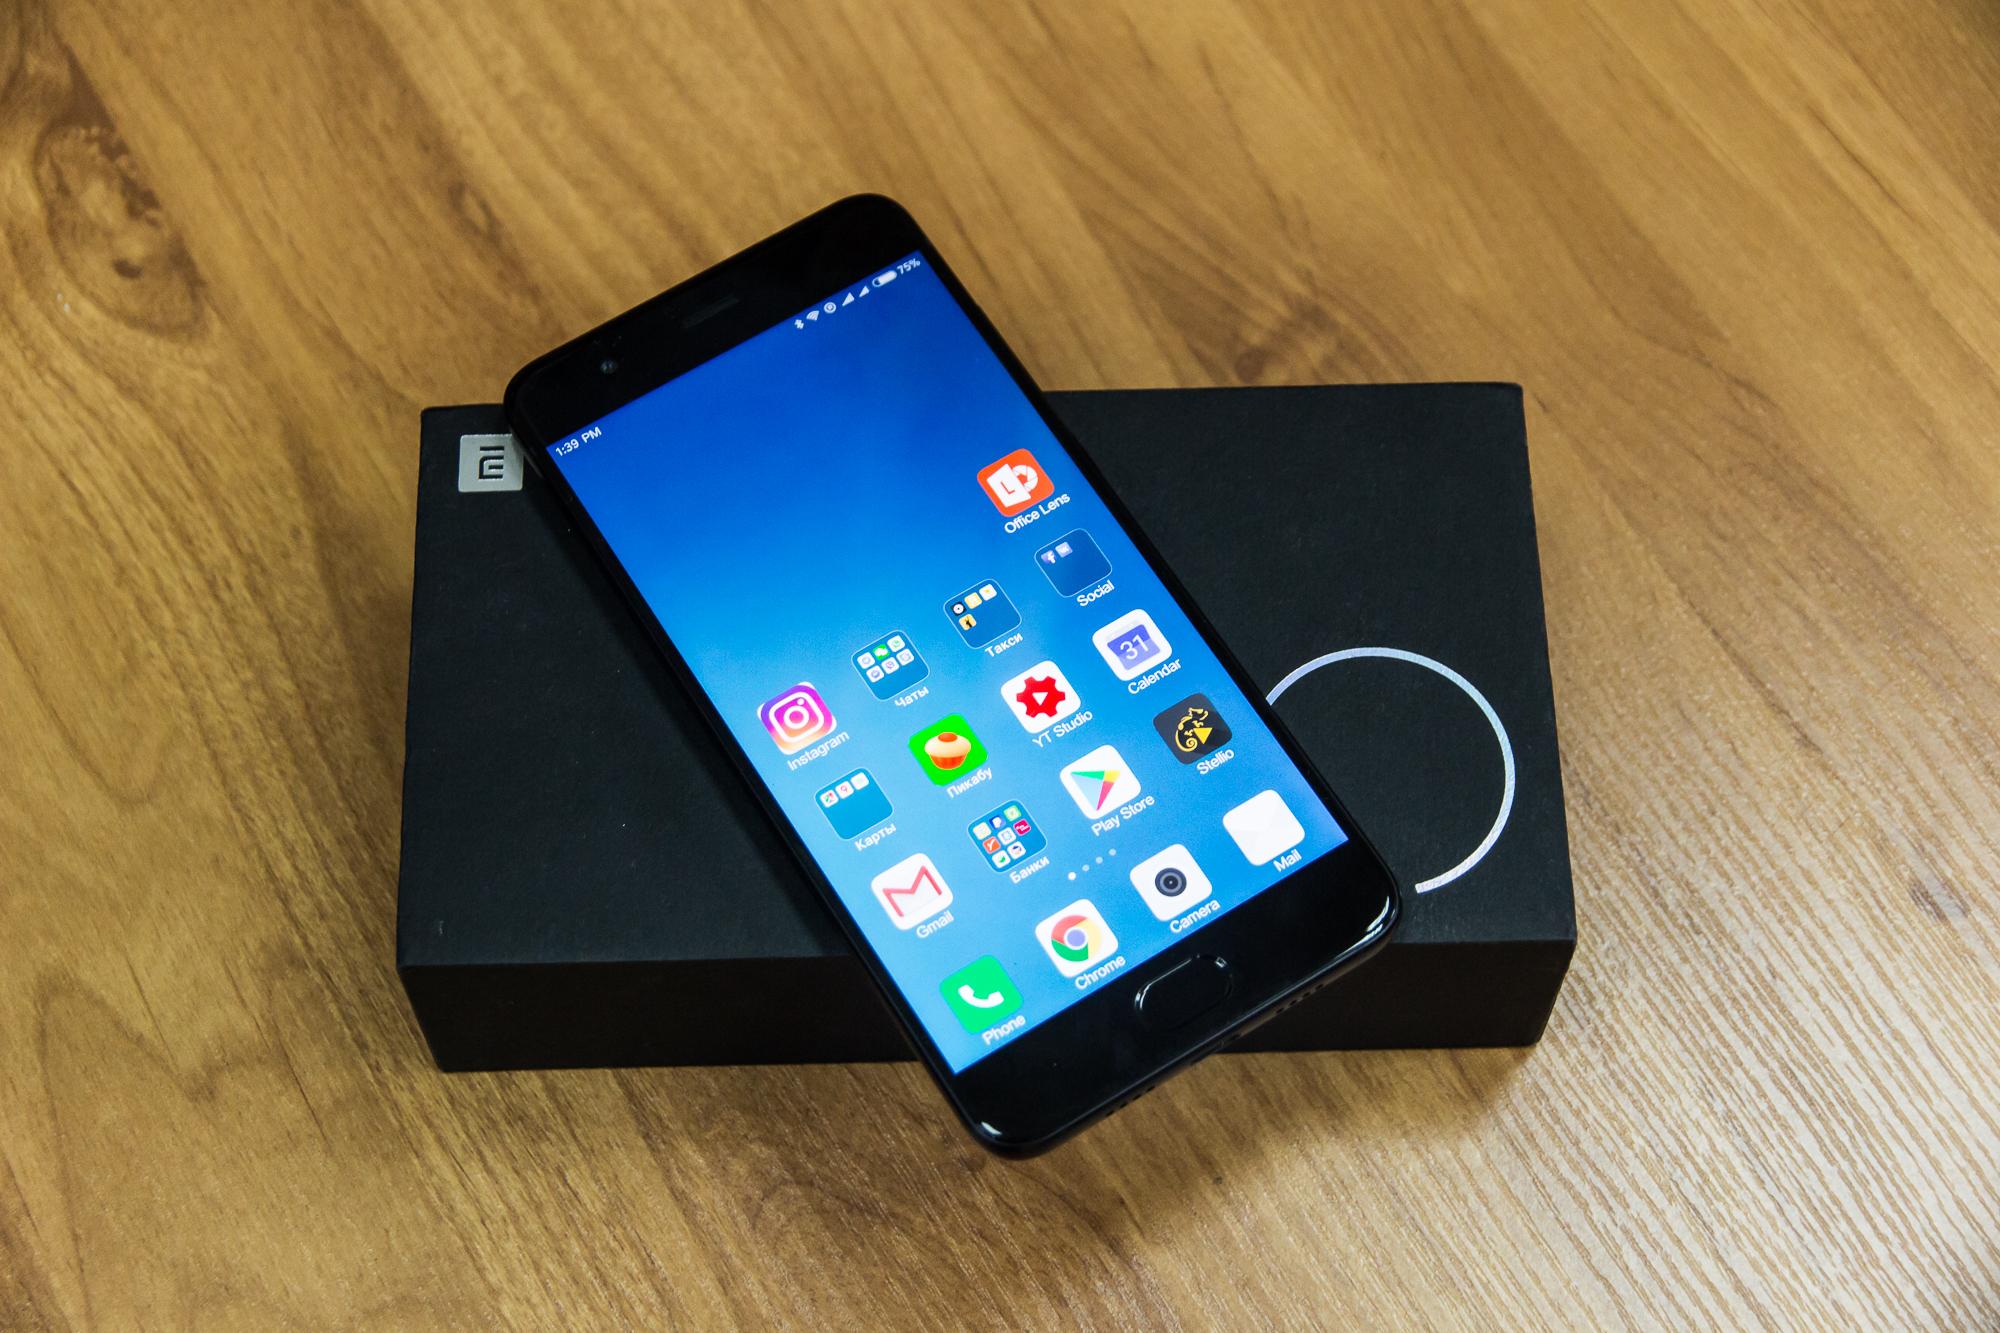 Обзор Xiaomi Note 3 — тонкого смартфона с отличной камерой, но некоторыми недостатками